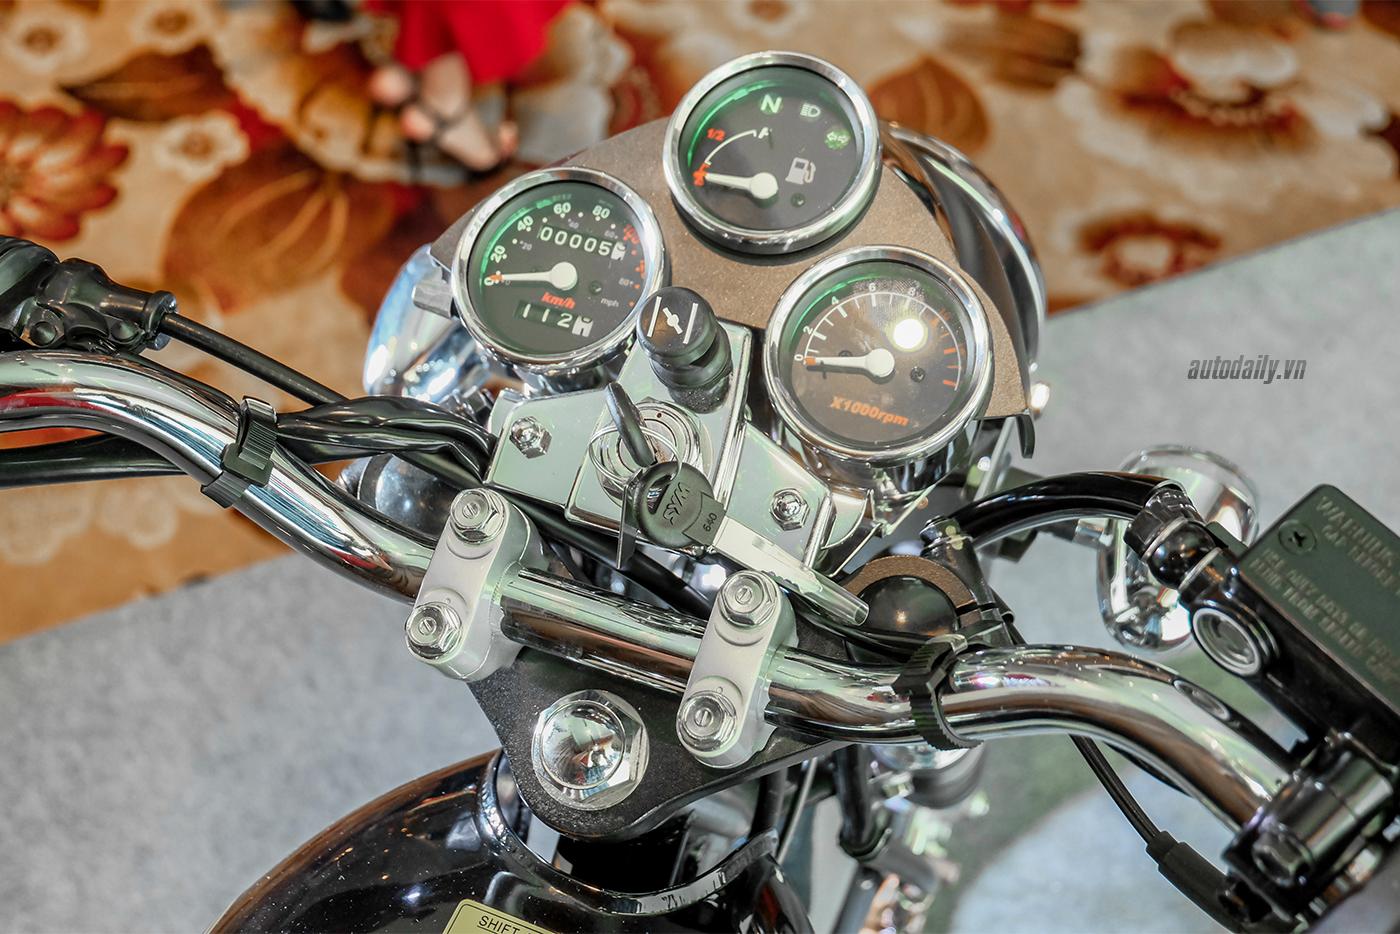 sym-husky-125-classic-8.jpg